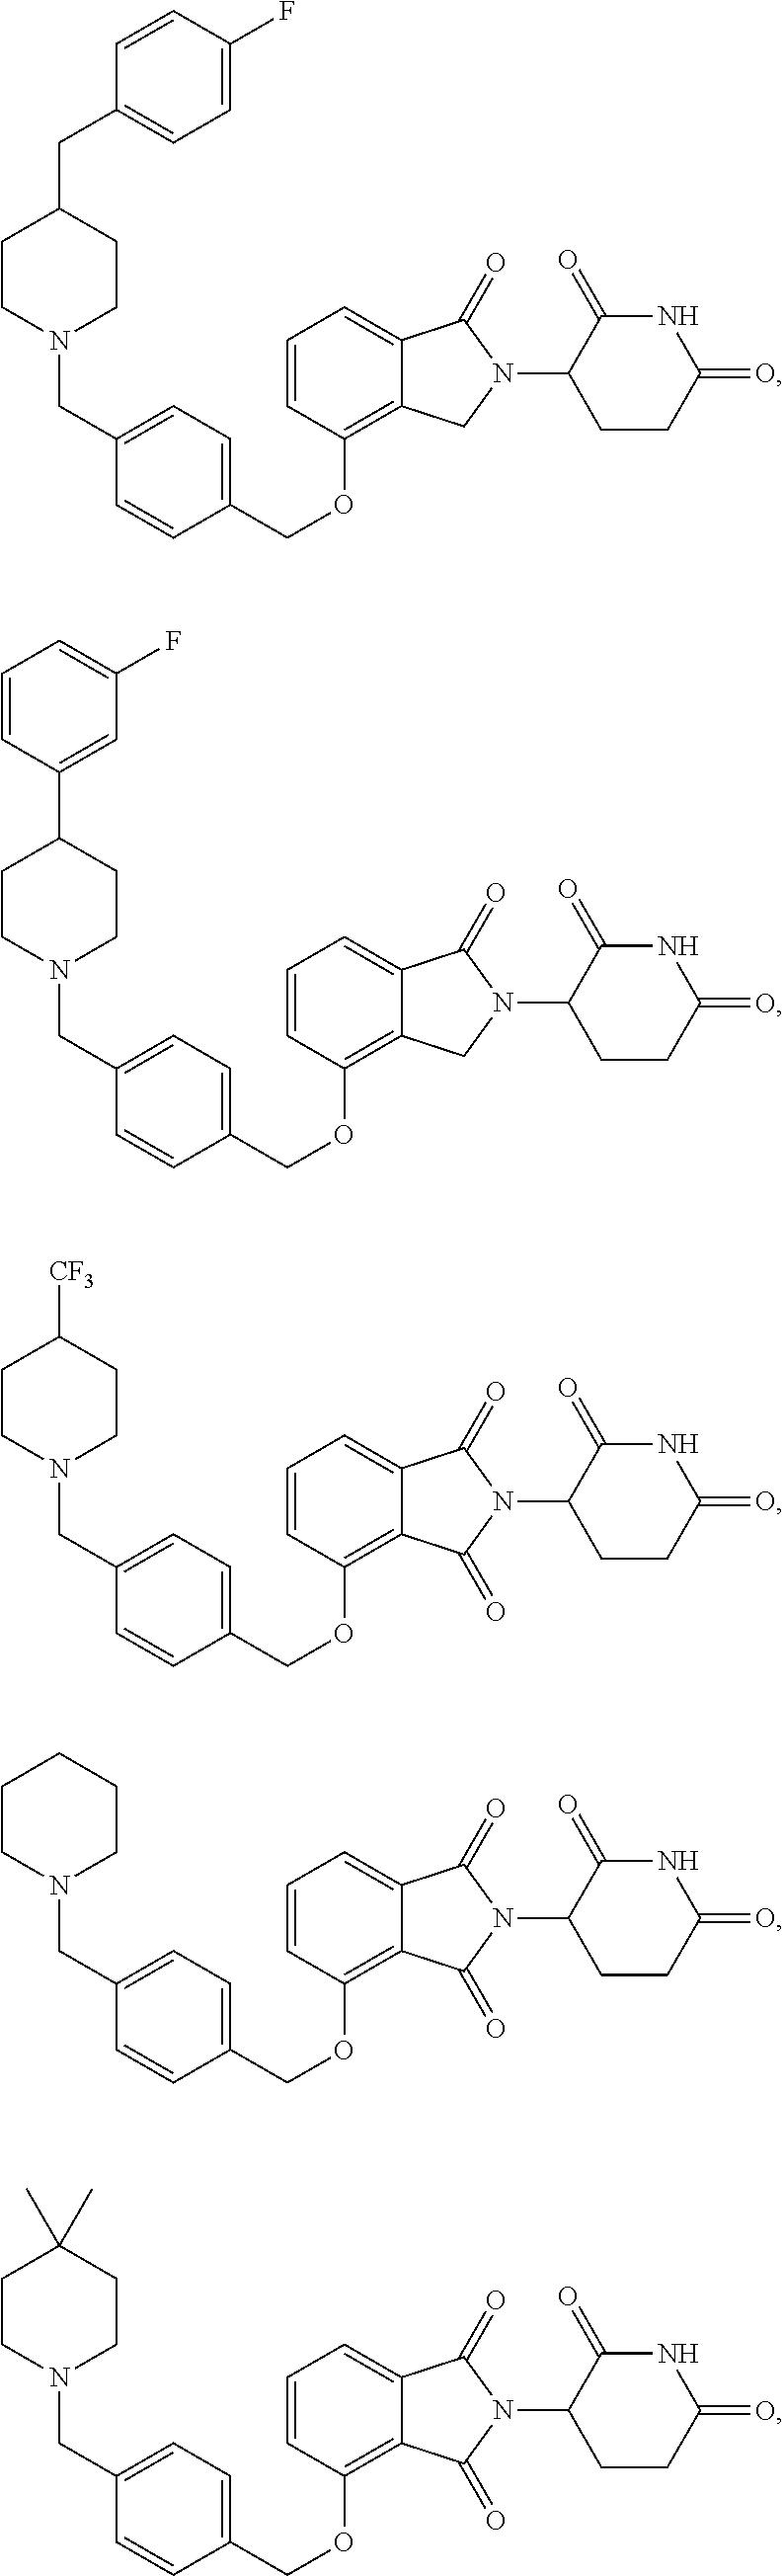 Figure US09587281-20170307-C00089